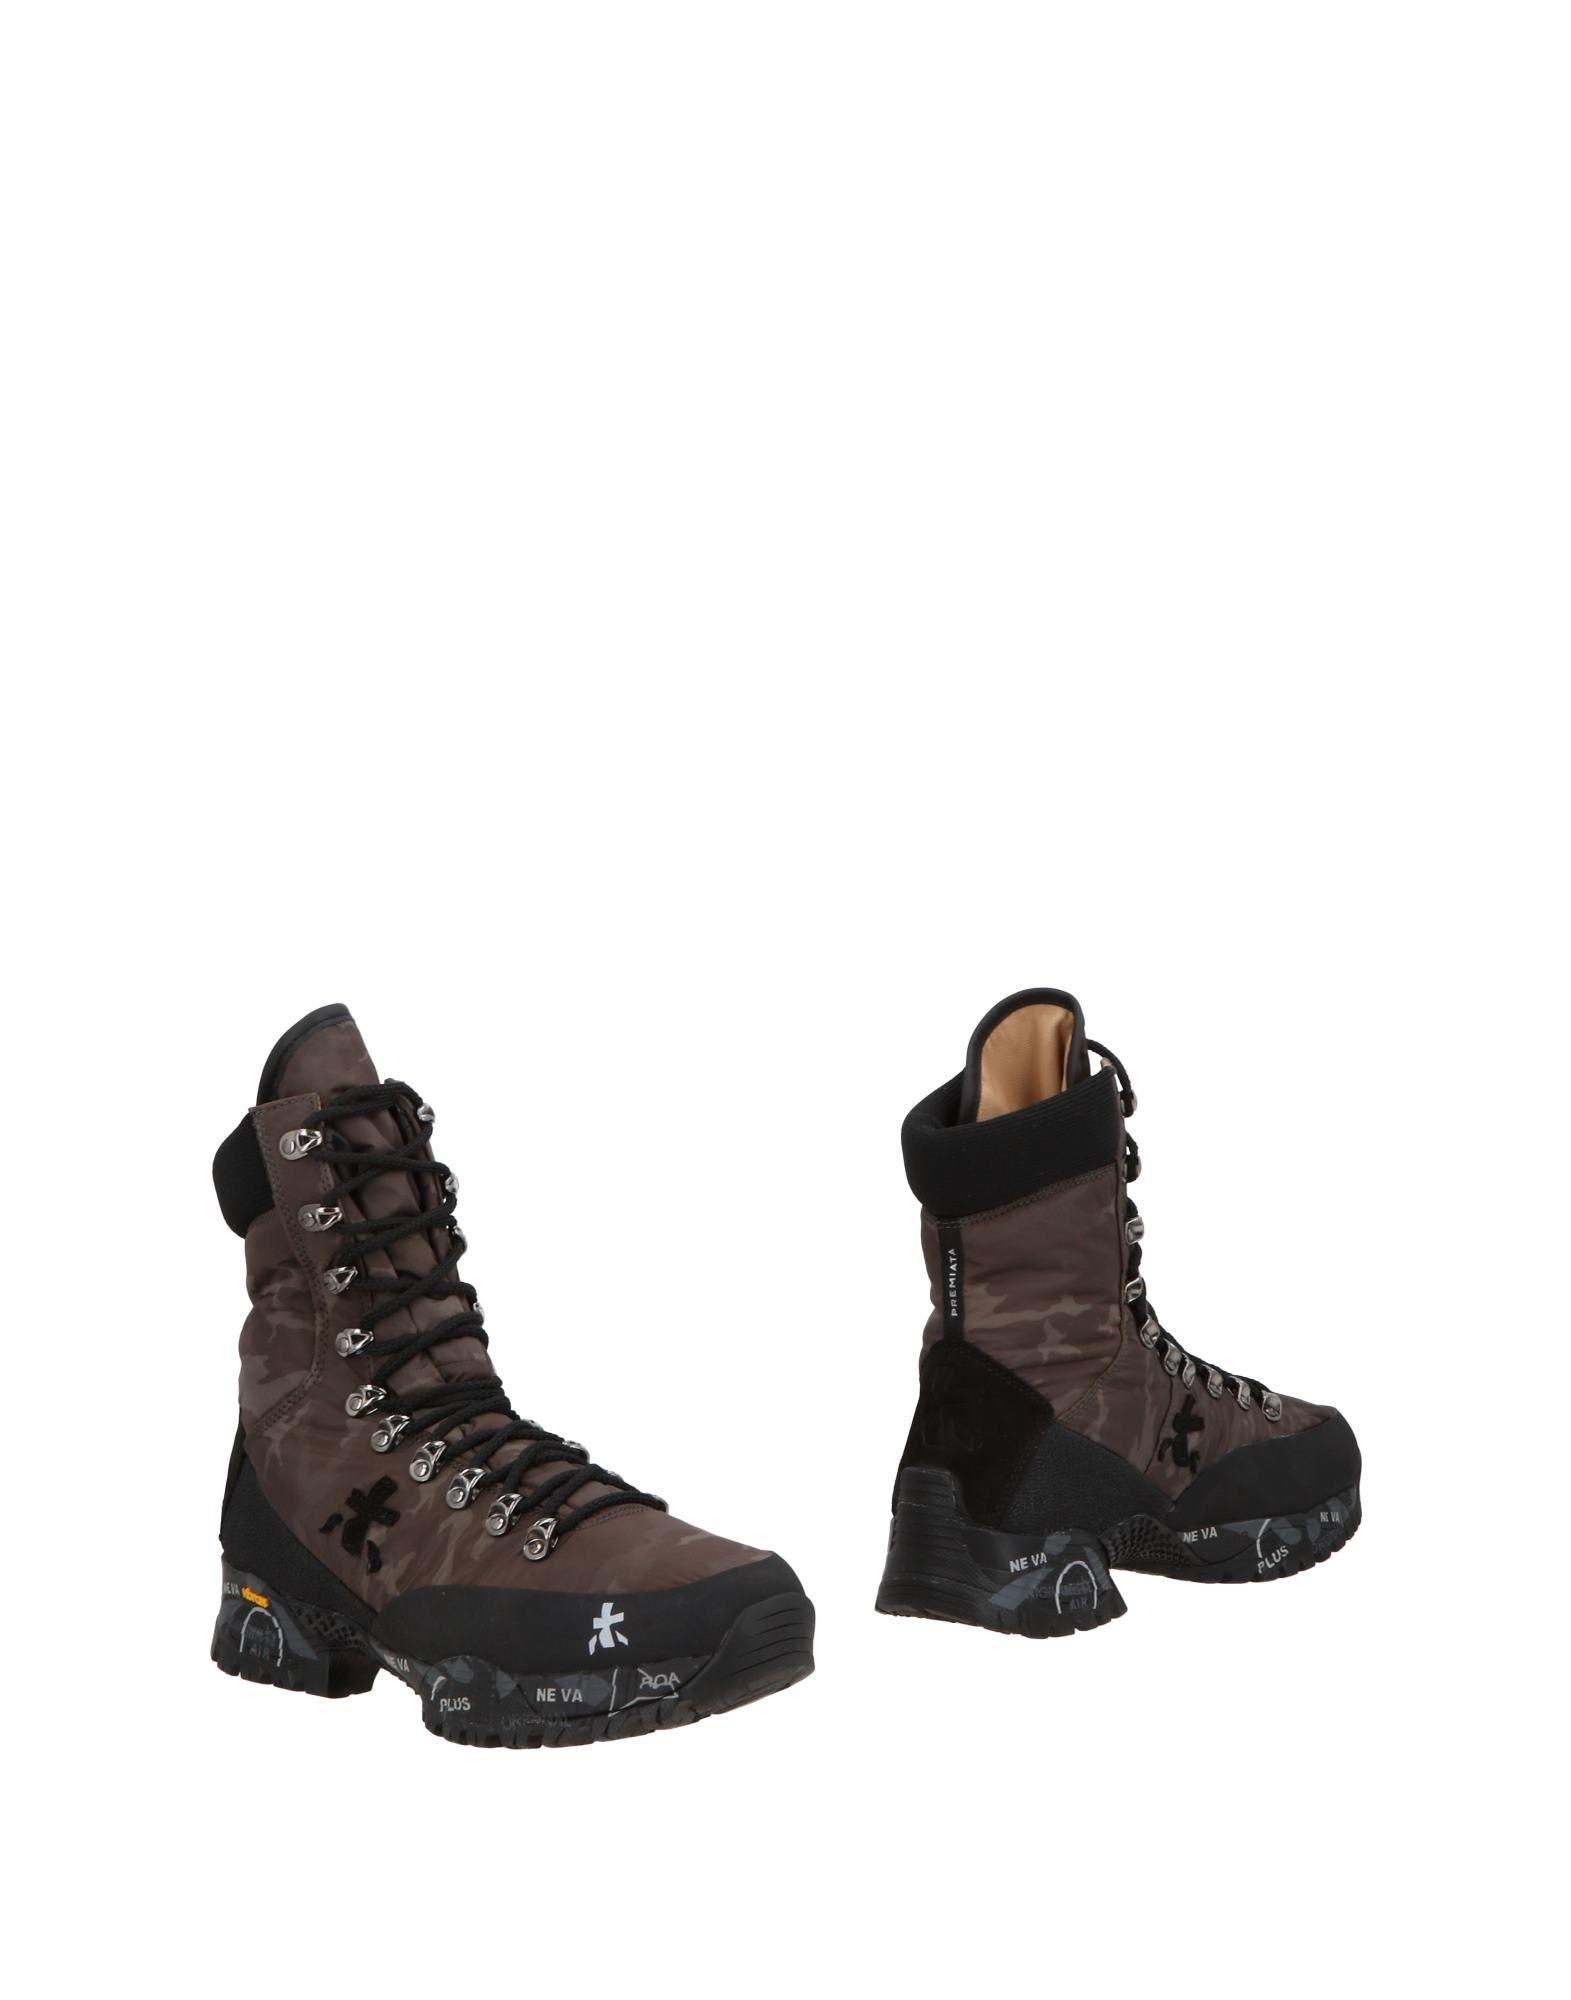 Premiata Stiefelette Herren  11499343QL Gute Qualität beliebte Schuhe